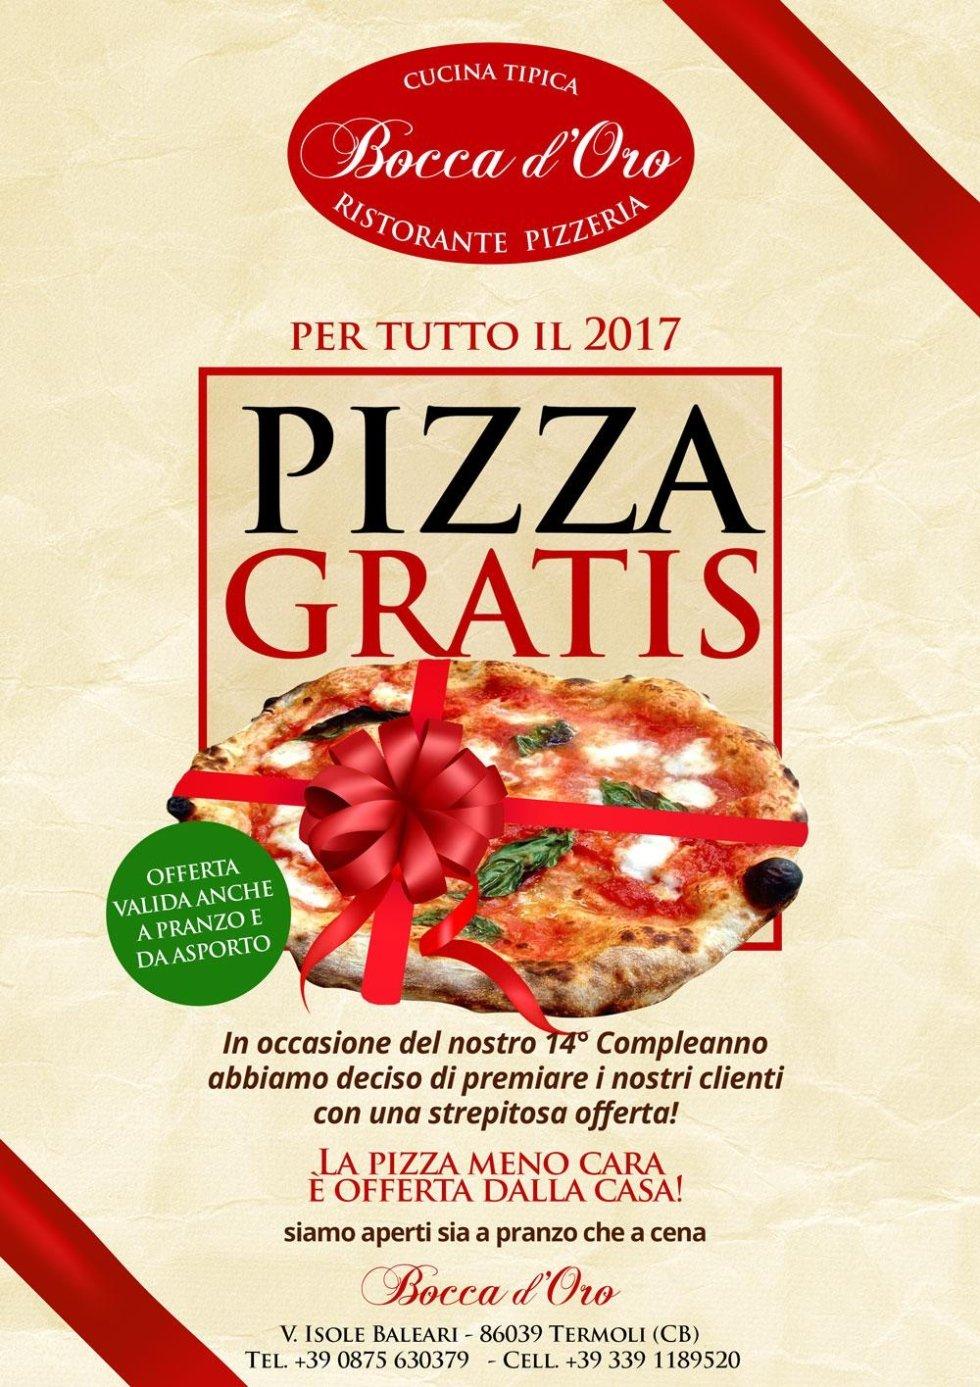 Pizza gratis per tutto il 2017... vedi i dettagli